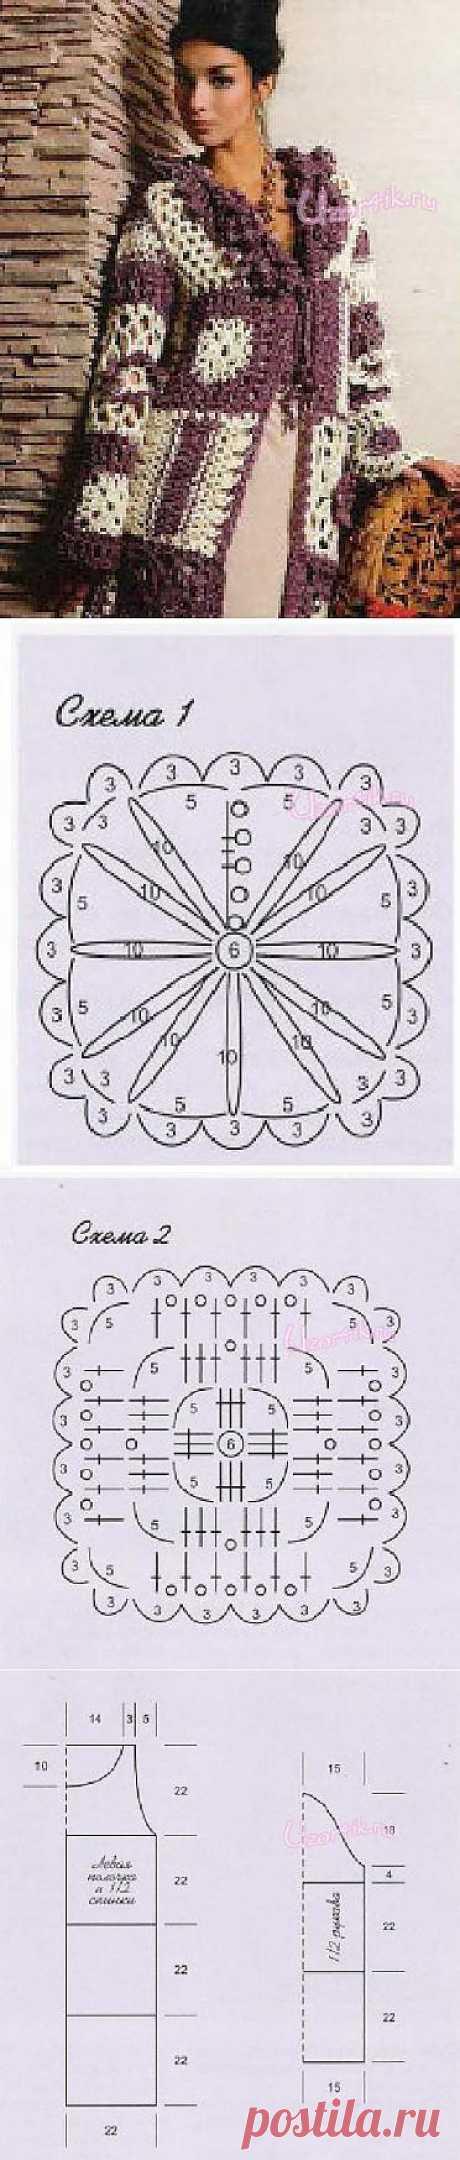 Пальто - Описание вязания, схемы вязания крючком и спицами | Узорчик.ру